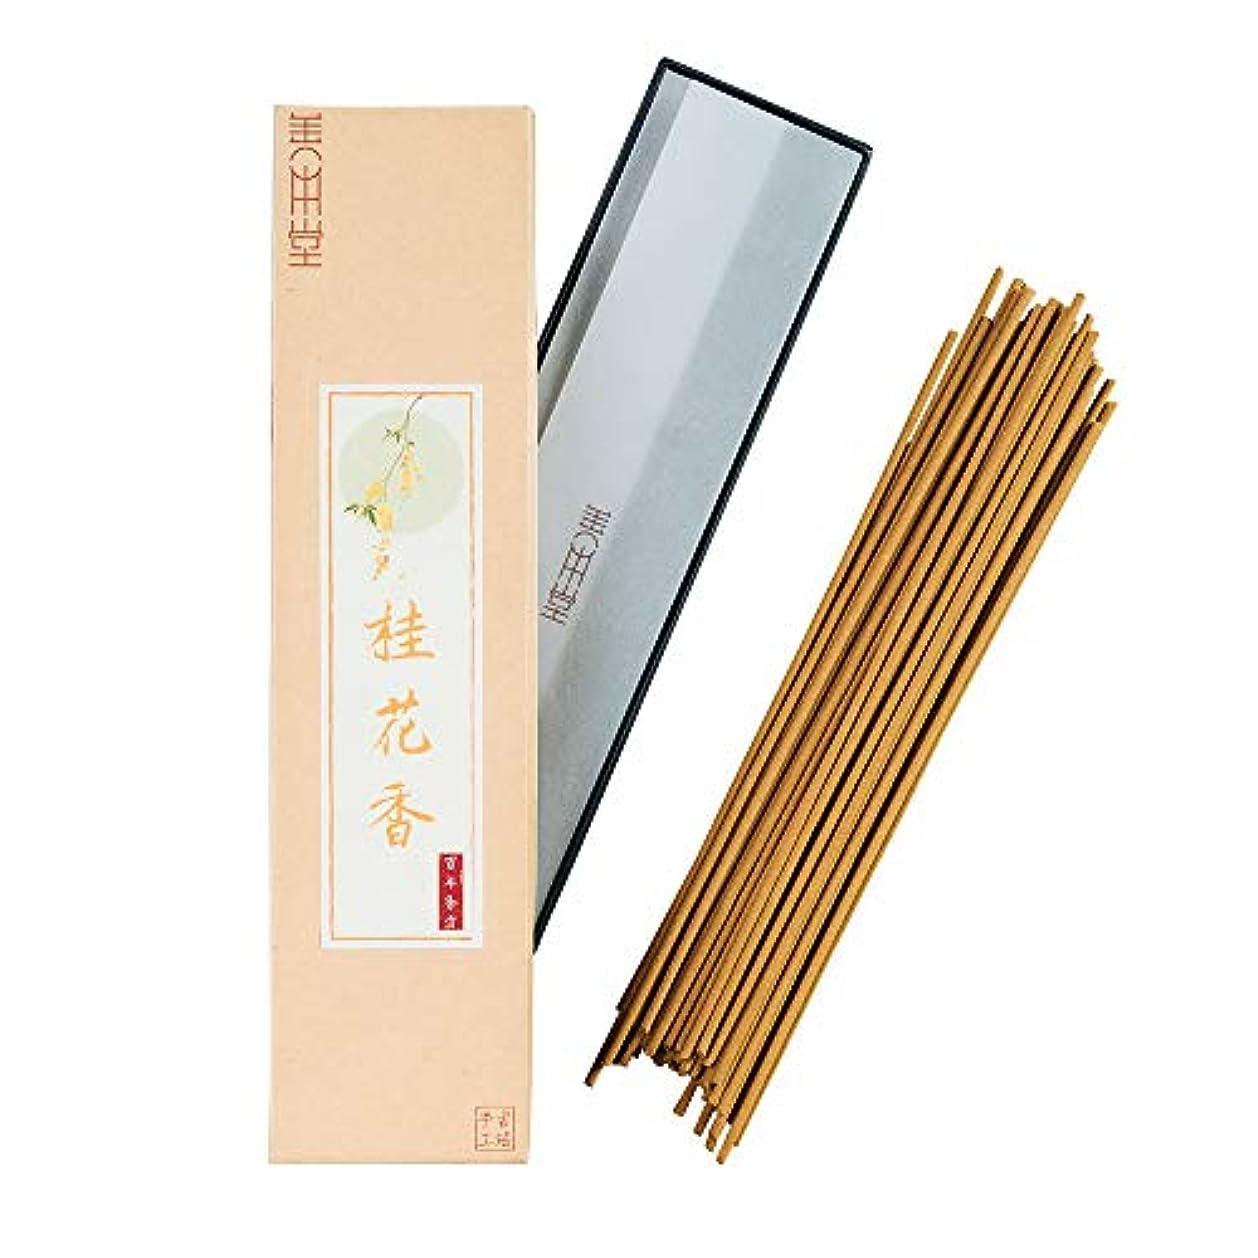 支払いクロニクル台風お線香 善本堂自然材料伝統な手作りお香 桂花の香 ギフト包装(21cm 50本入)